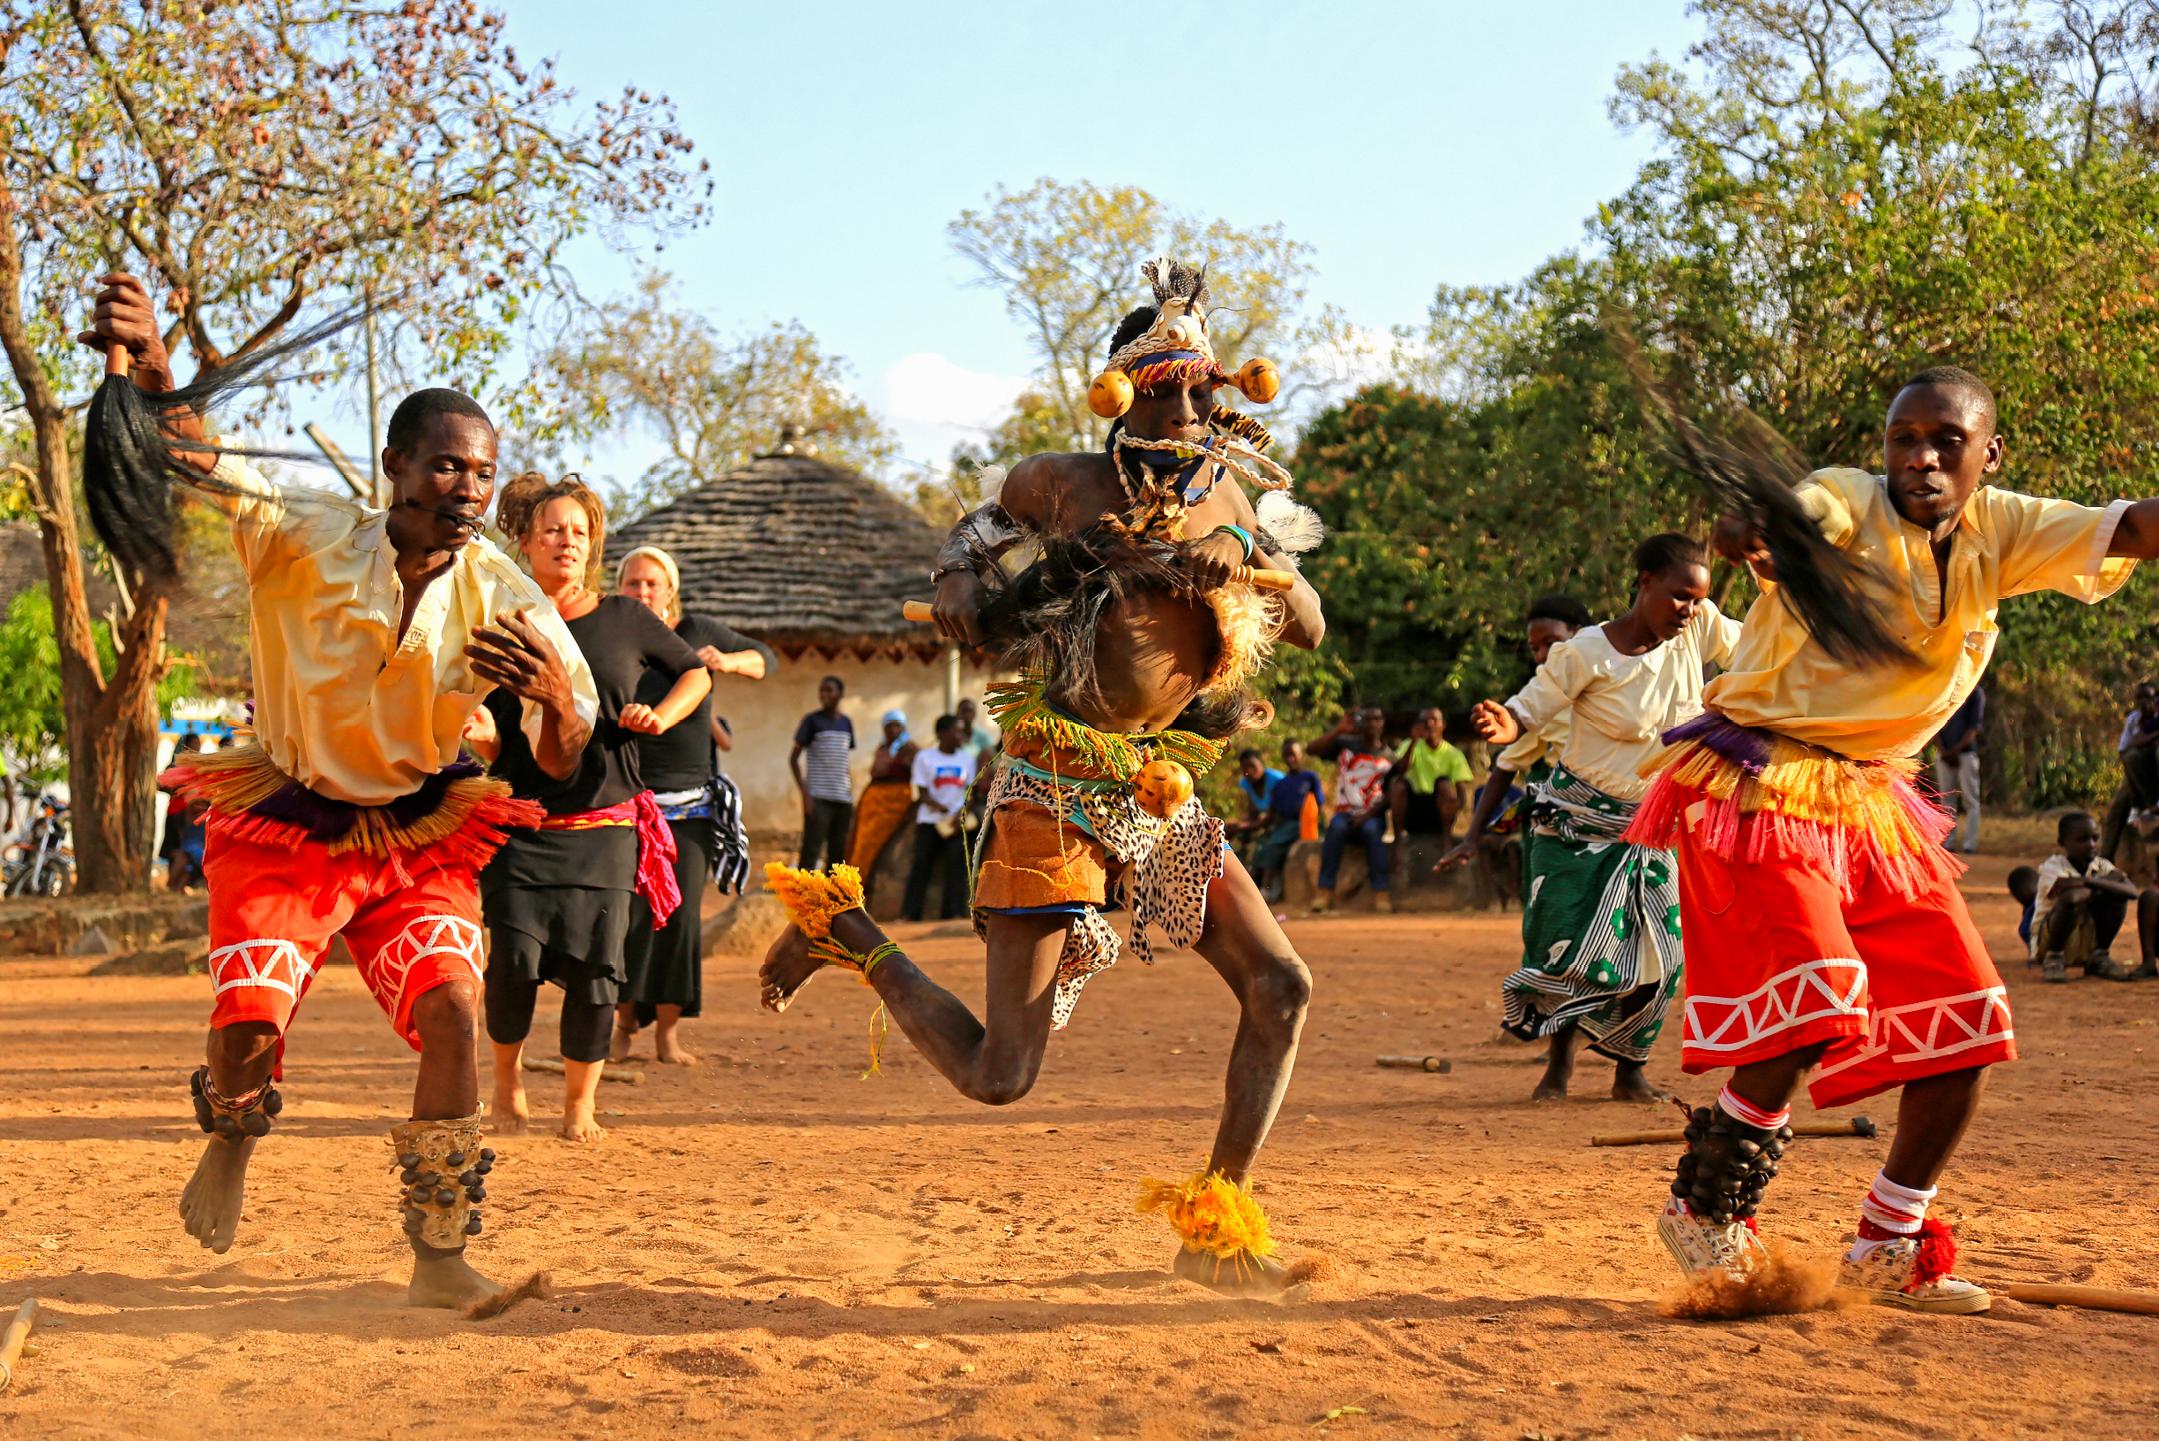 사람_전통춤, 탄자니아, 30.5 x 45